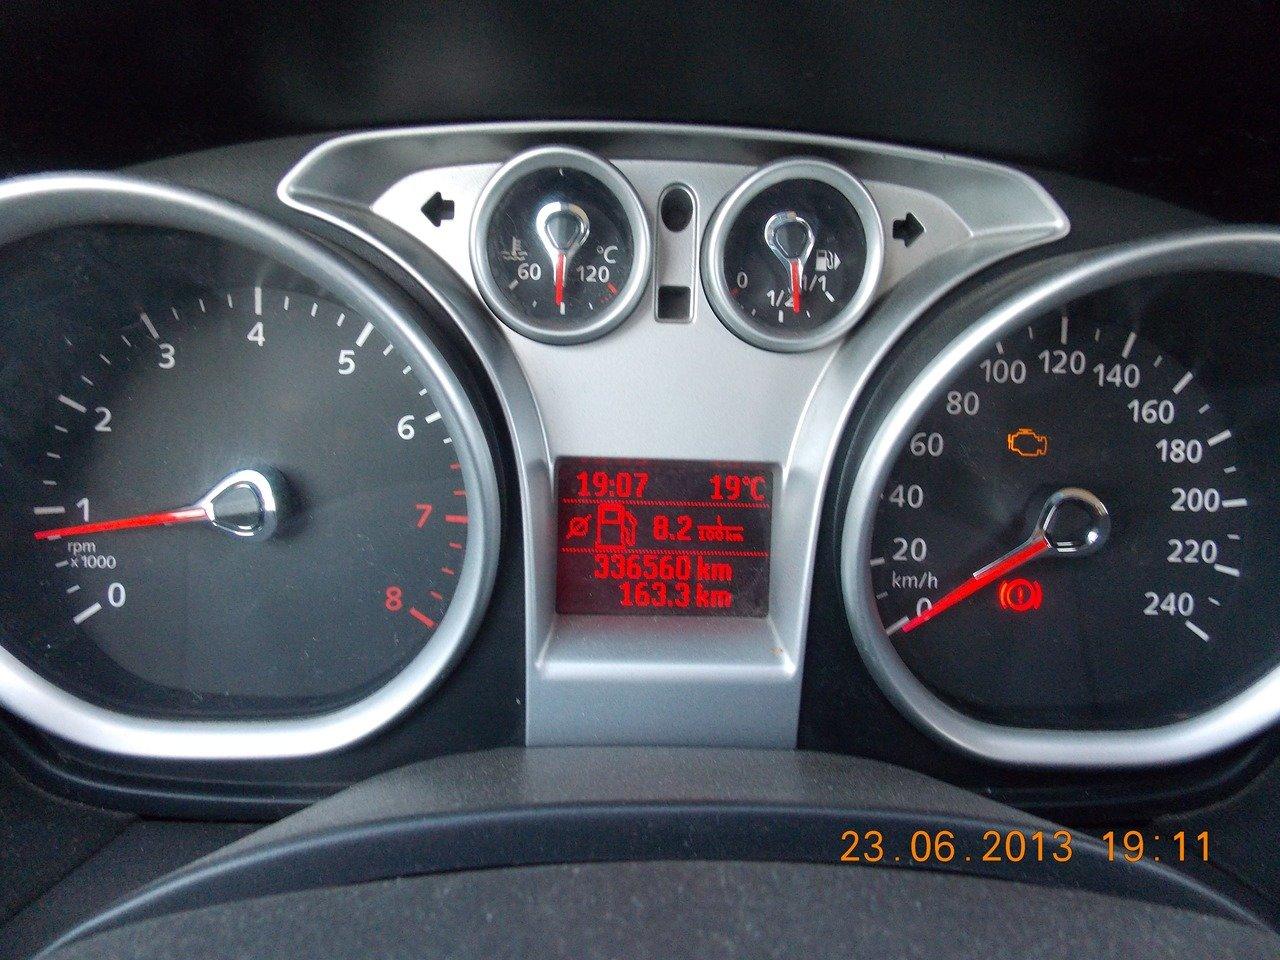 нормальный пробег дла ford focus tddi 1.8